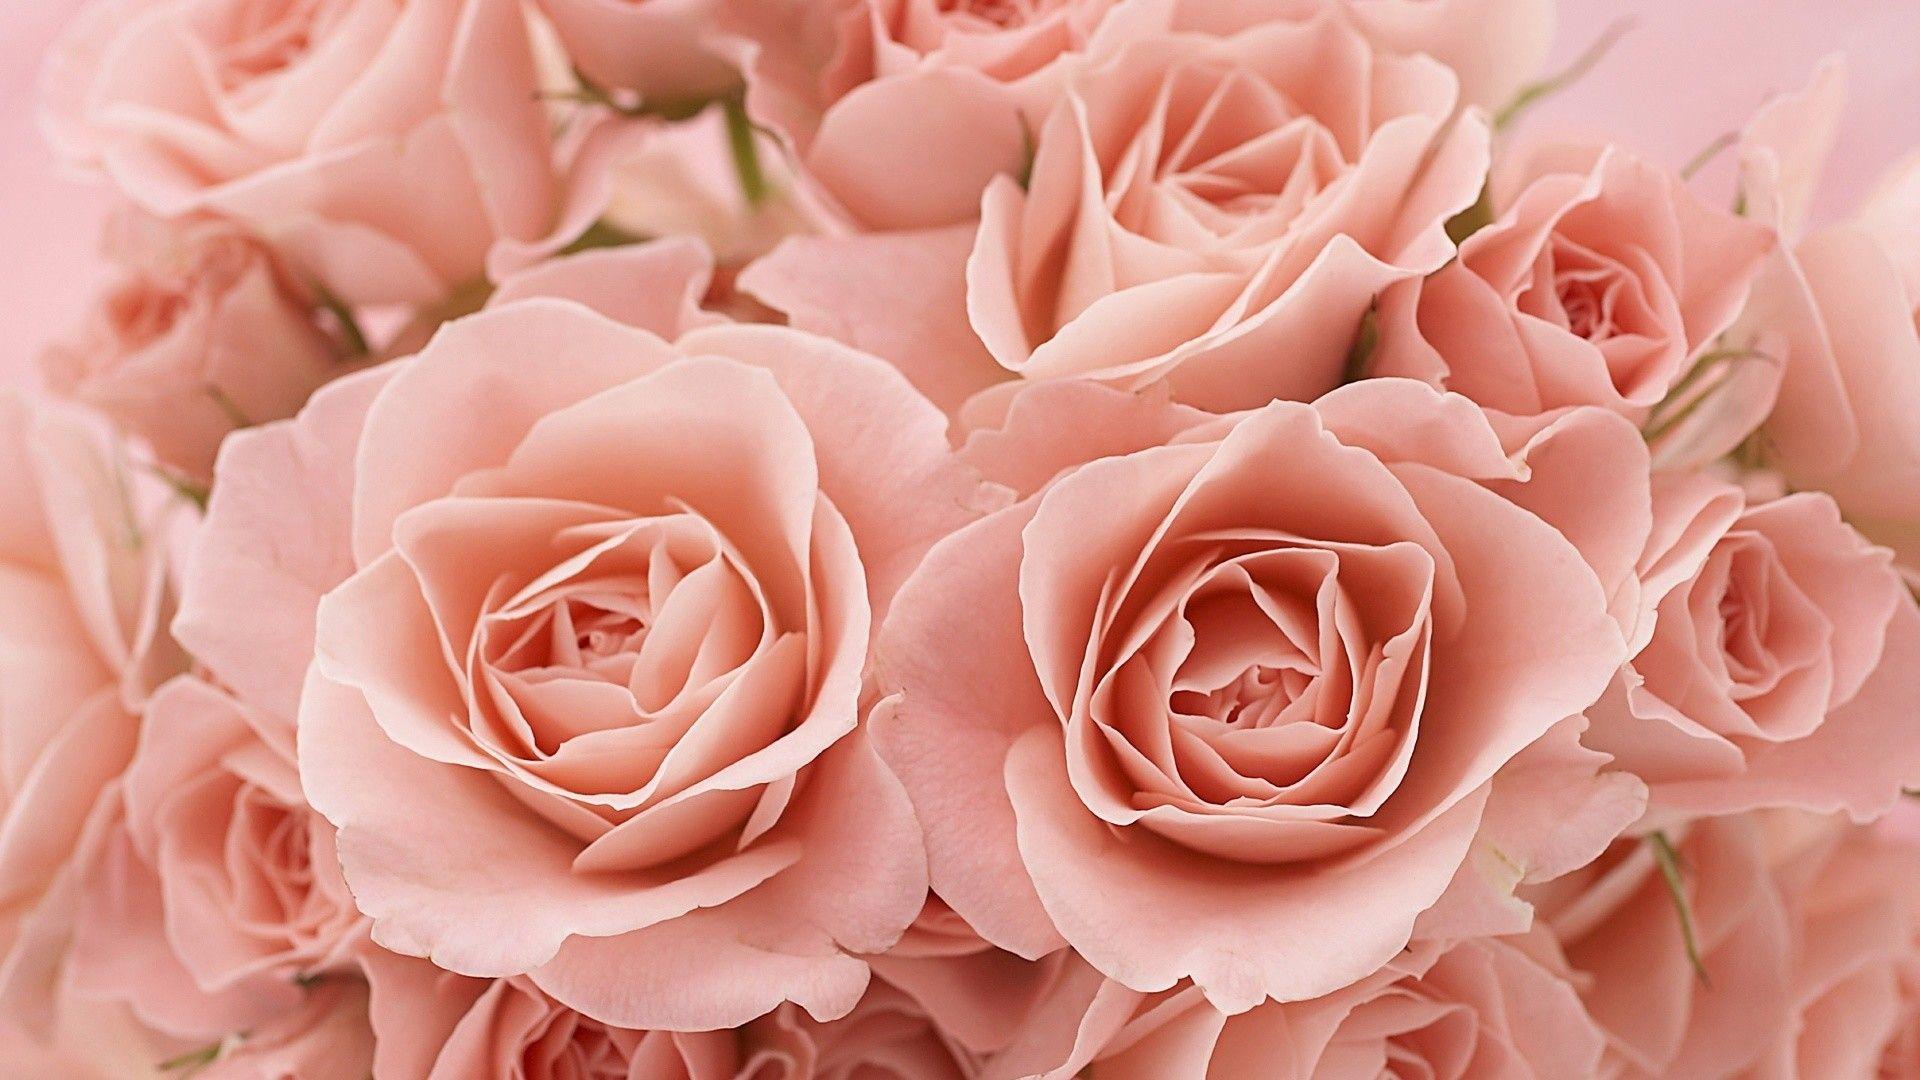 roses hd wallpaper